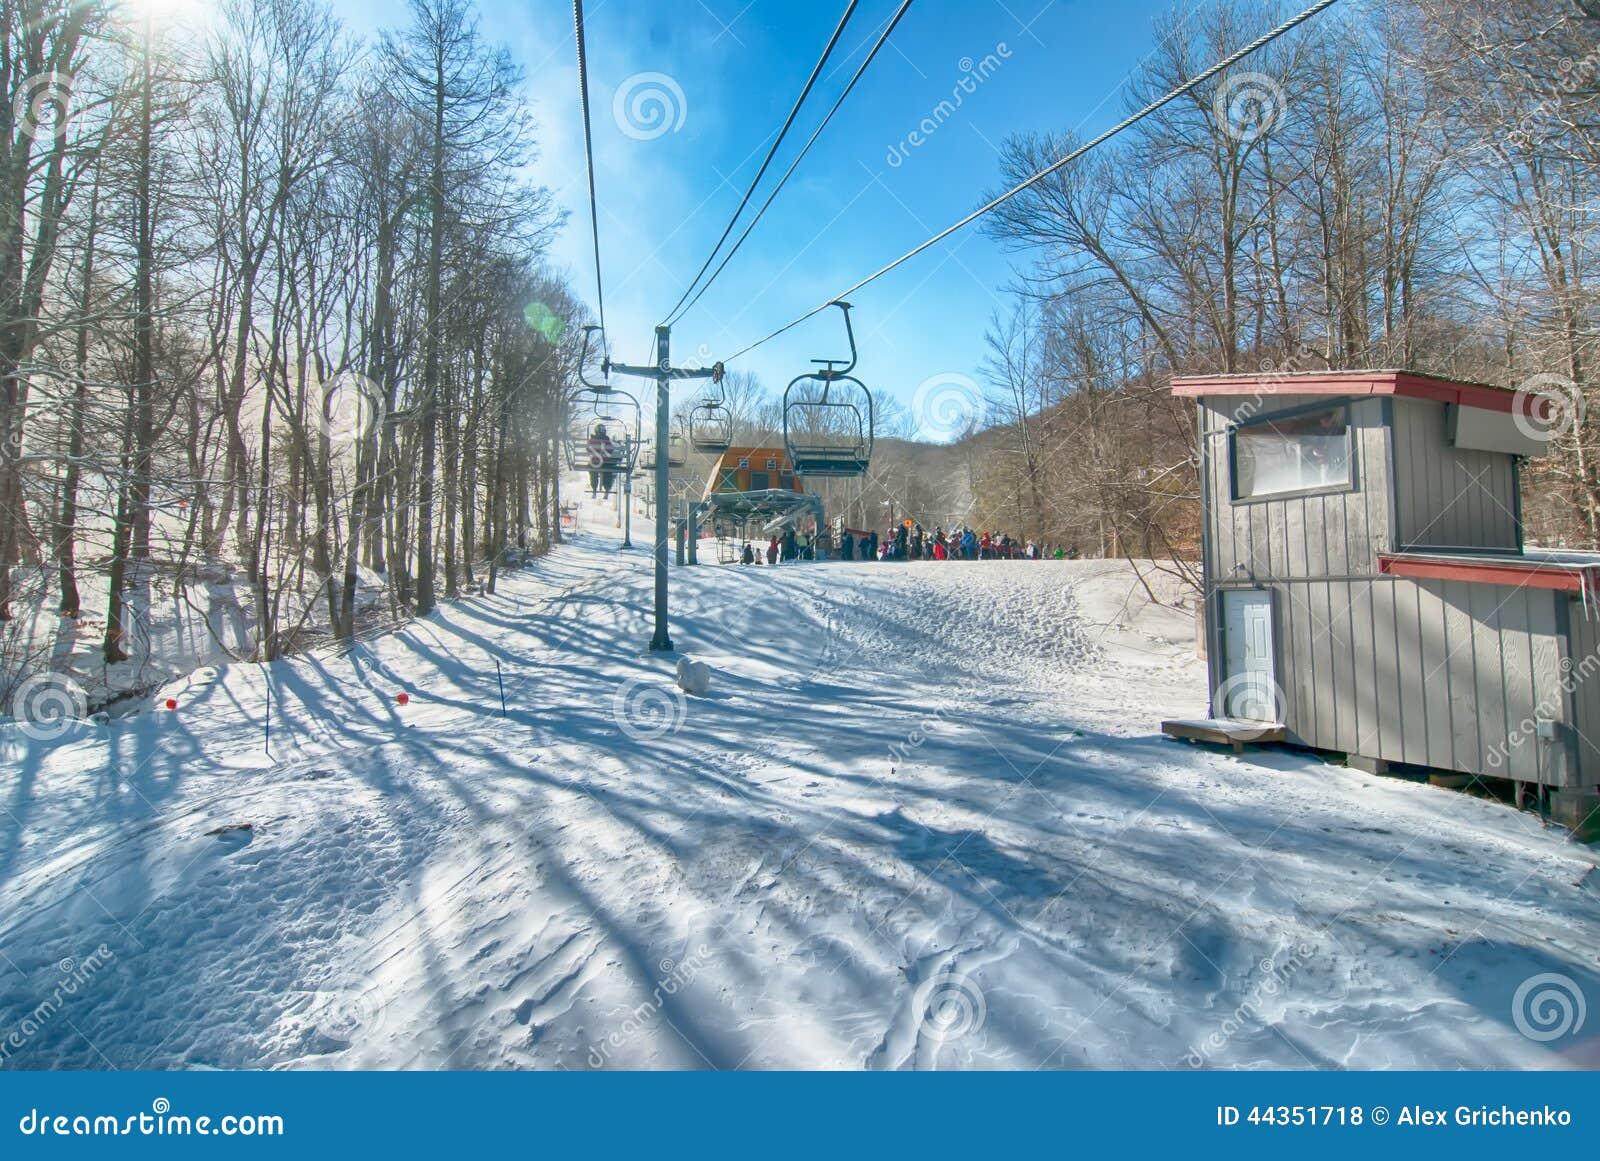 Ascensore di sci con i sedili che superano la montagna